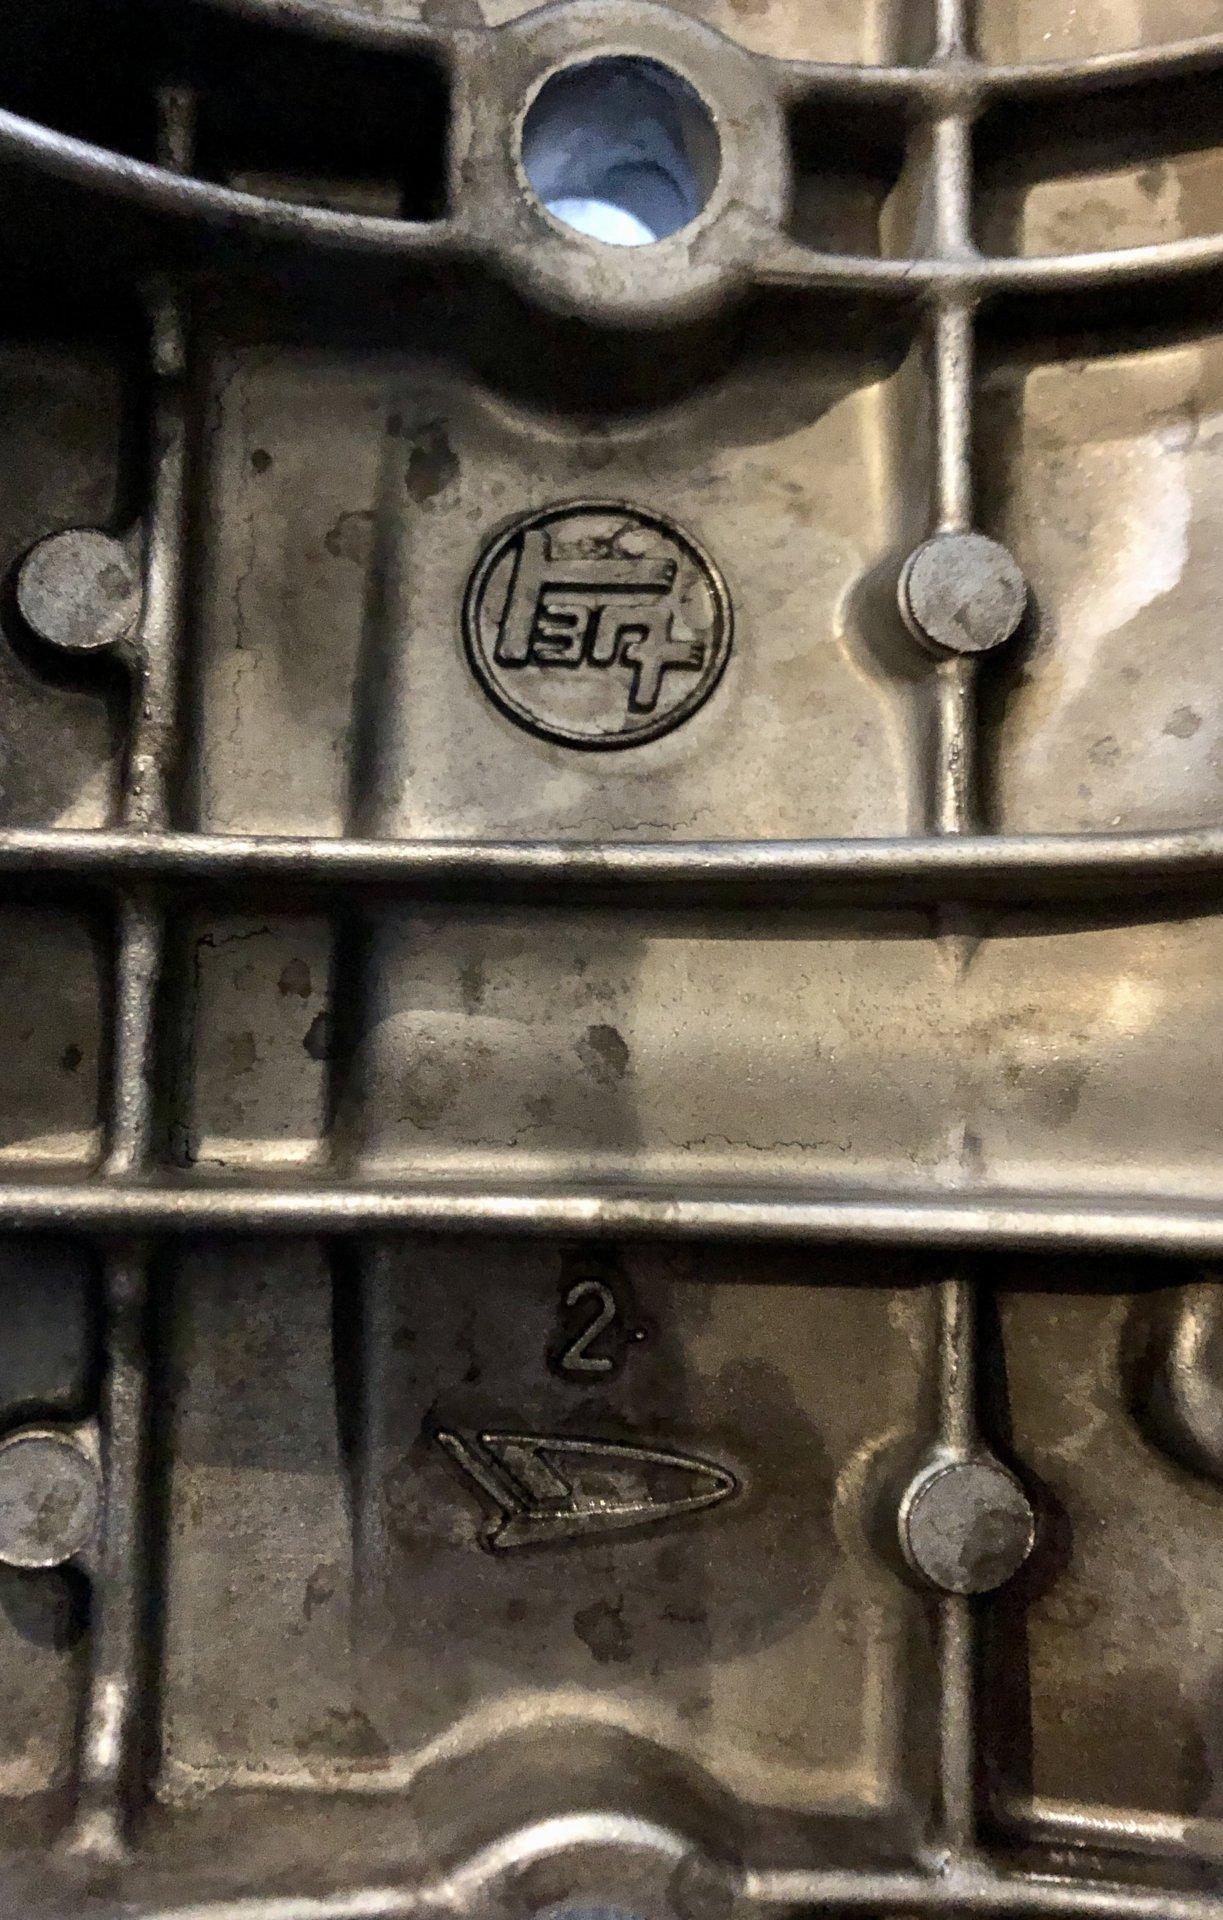 6739F952-48AF-4AF8-8CA2-AF9BA77105BF.jpeg